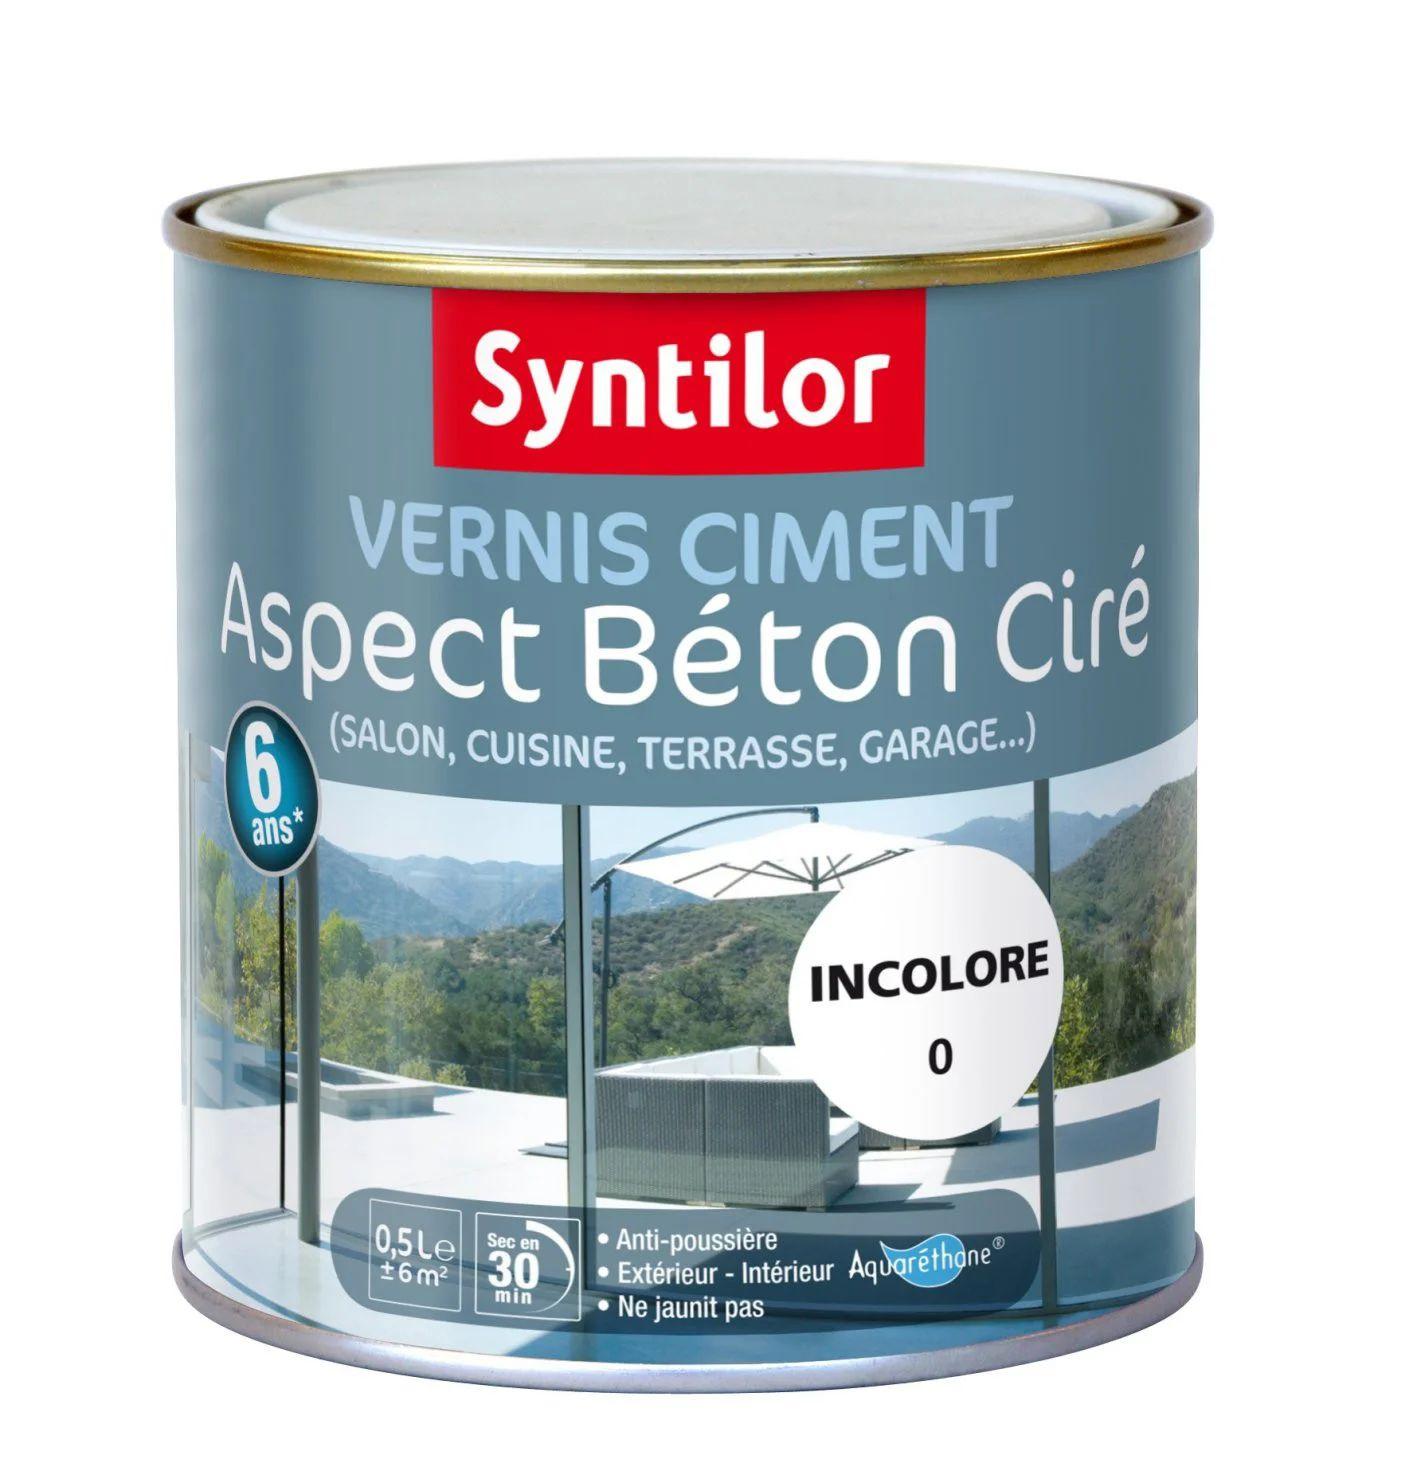 Vernis Ciment Exterieur Interieur Ciment Syntilor Incolore 0 5 L Leroy Merlin